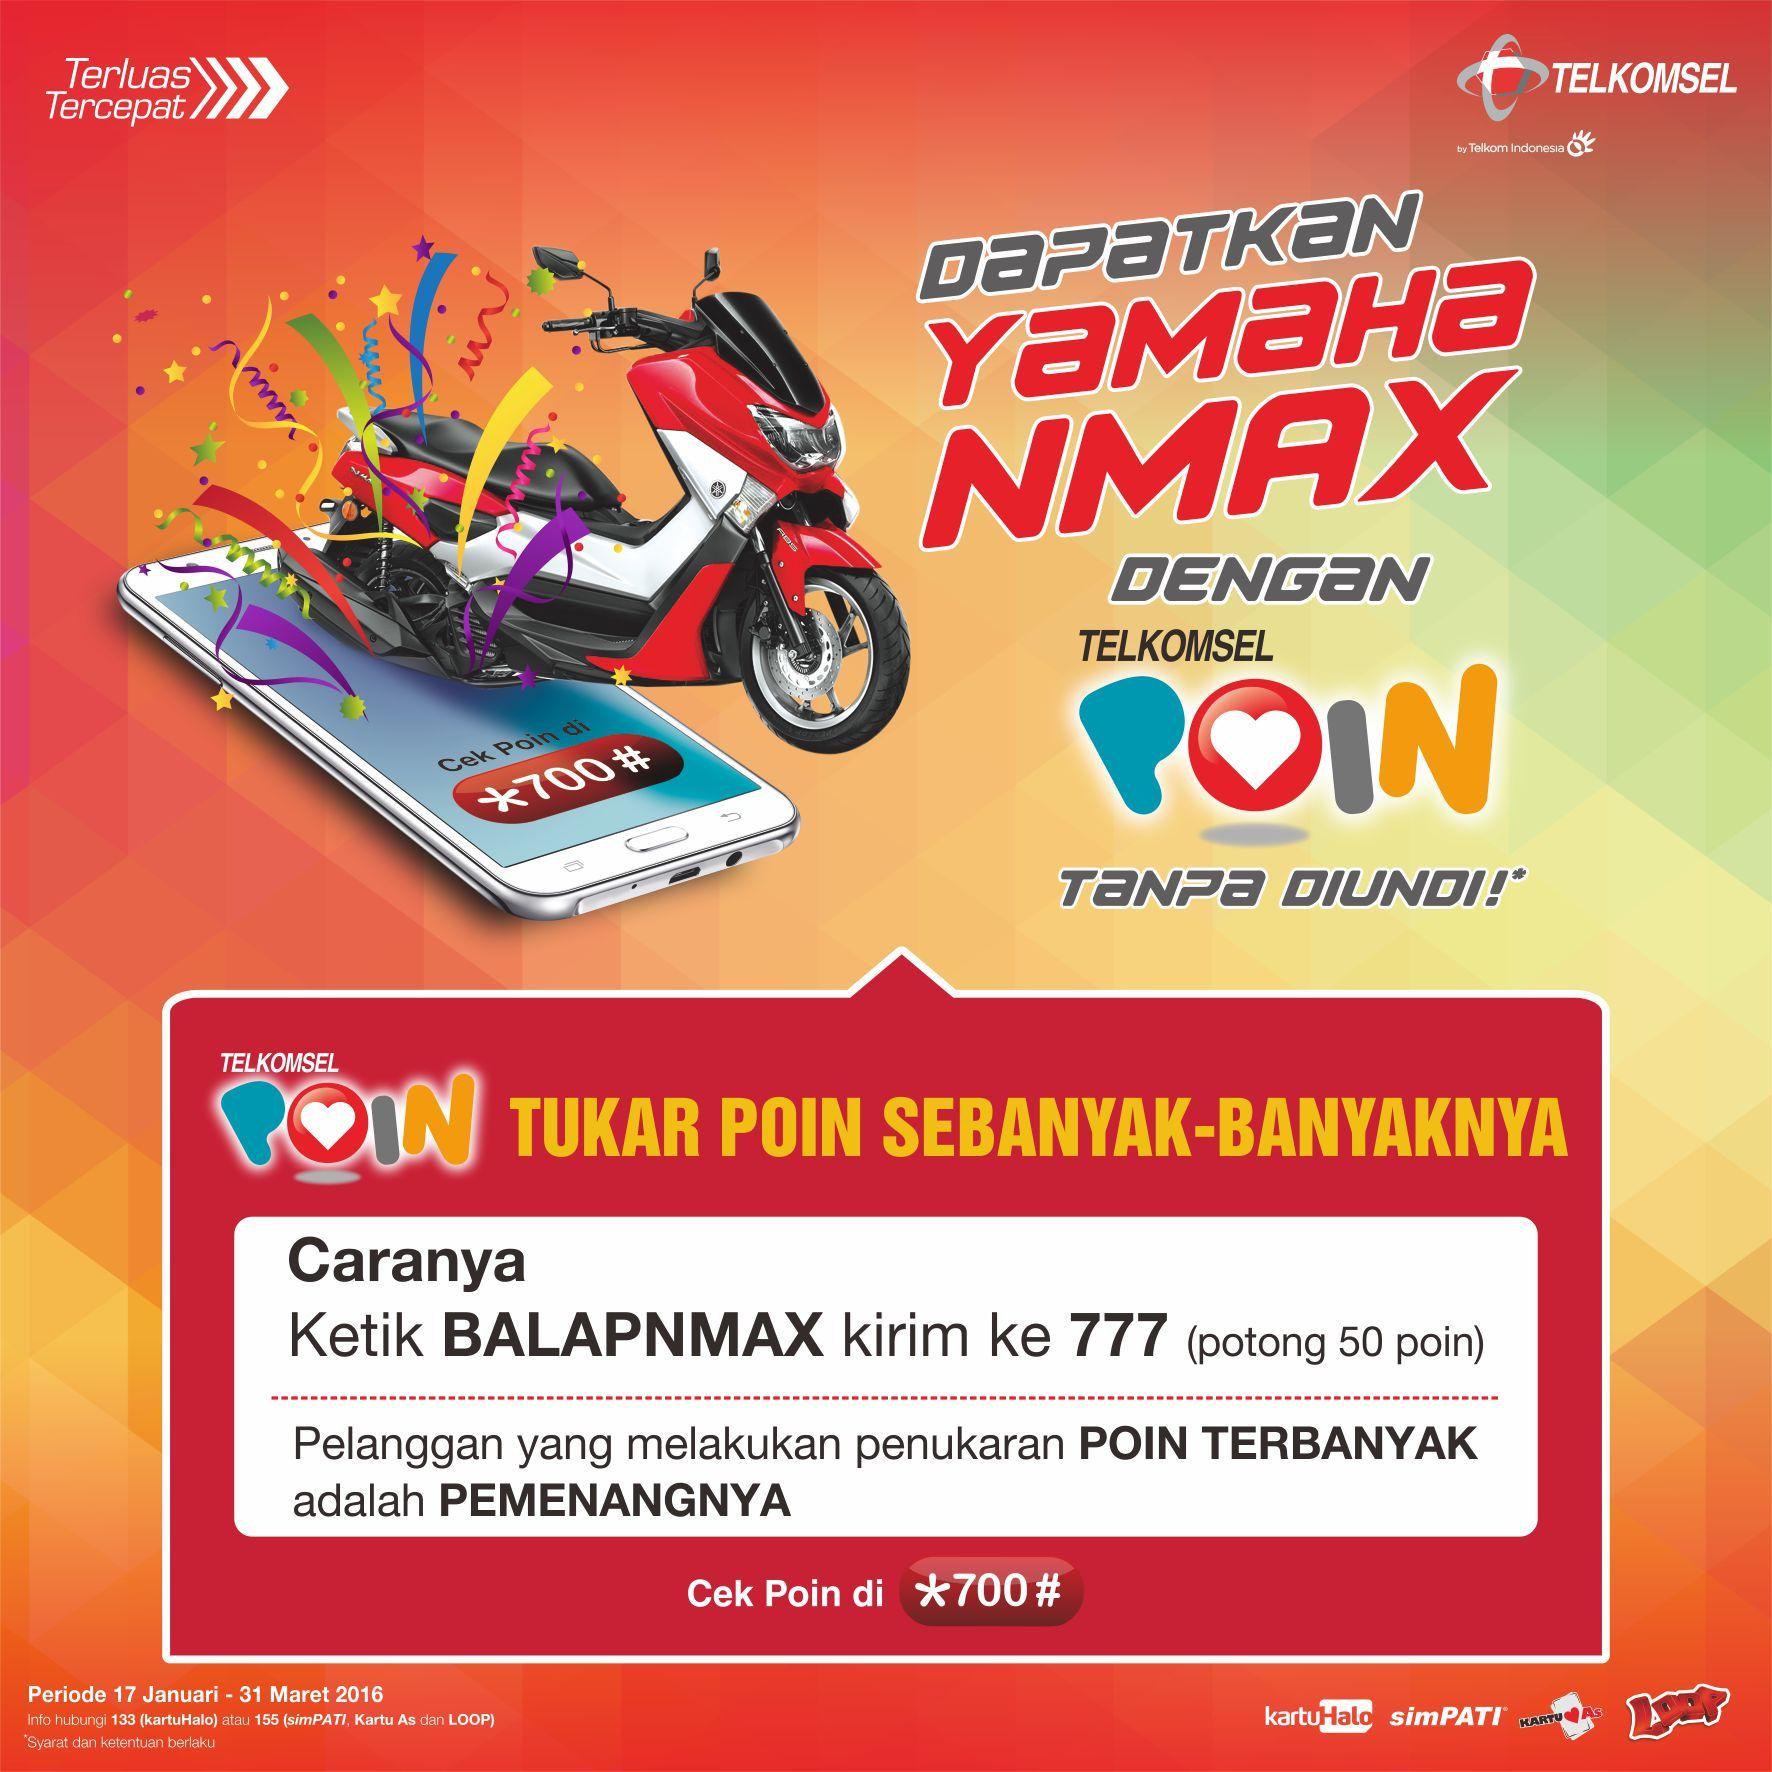 *700# - Balapan Poin Yamaha NMAX